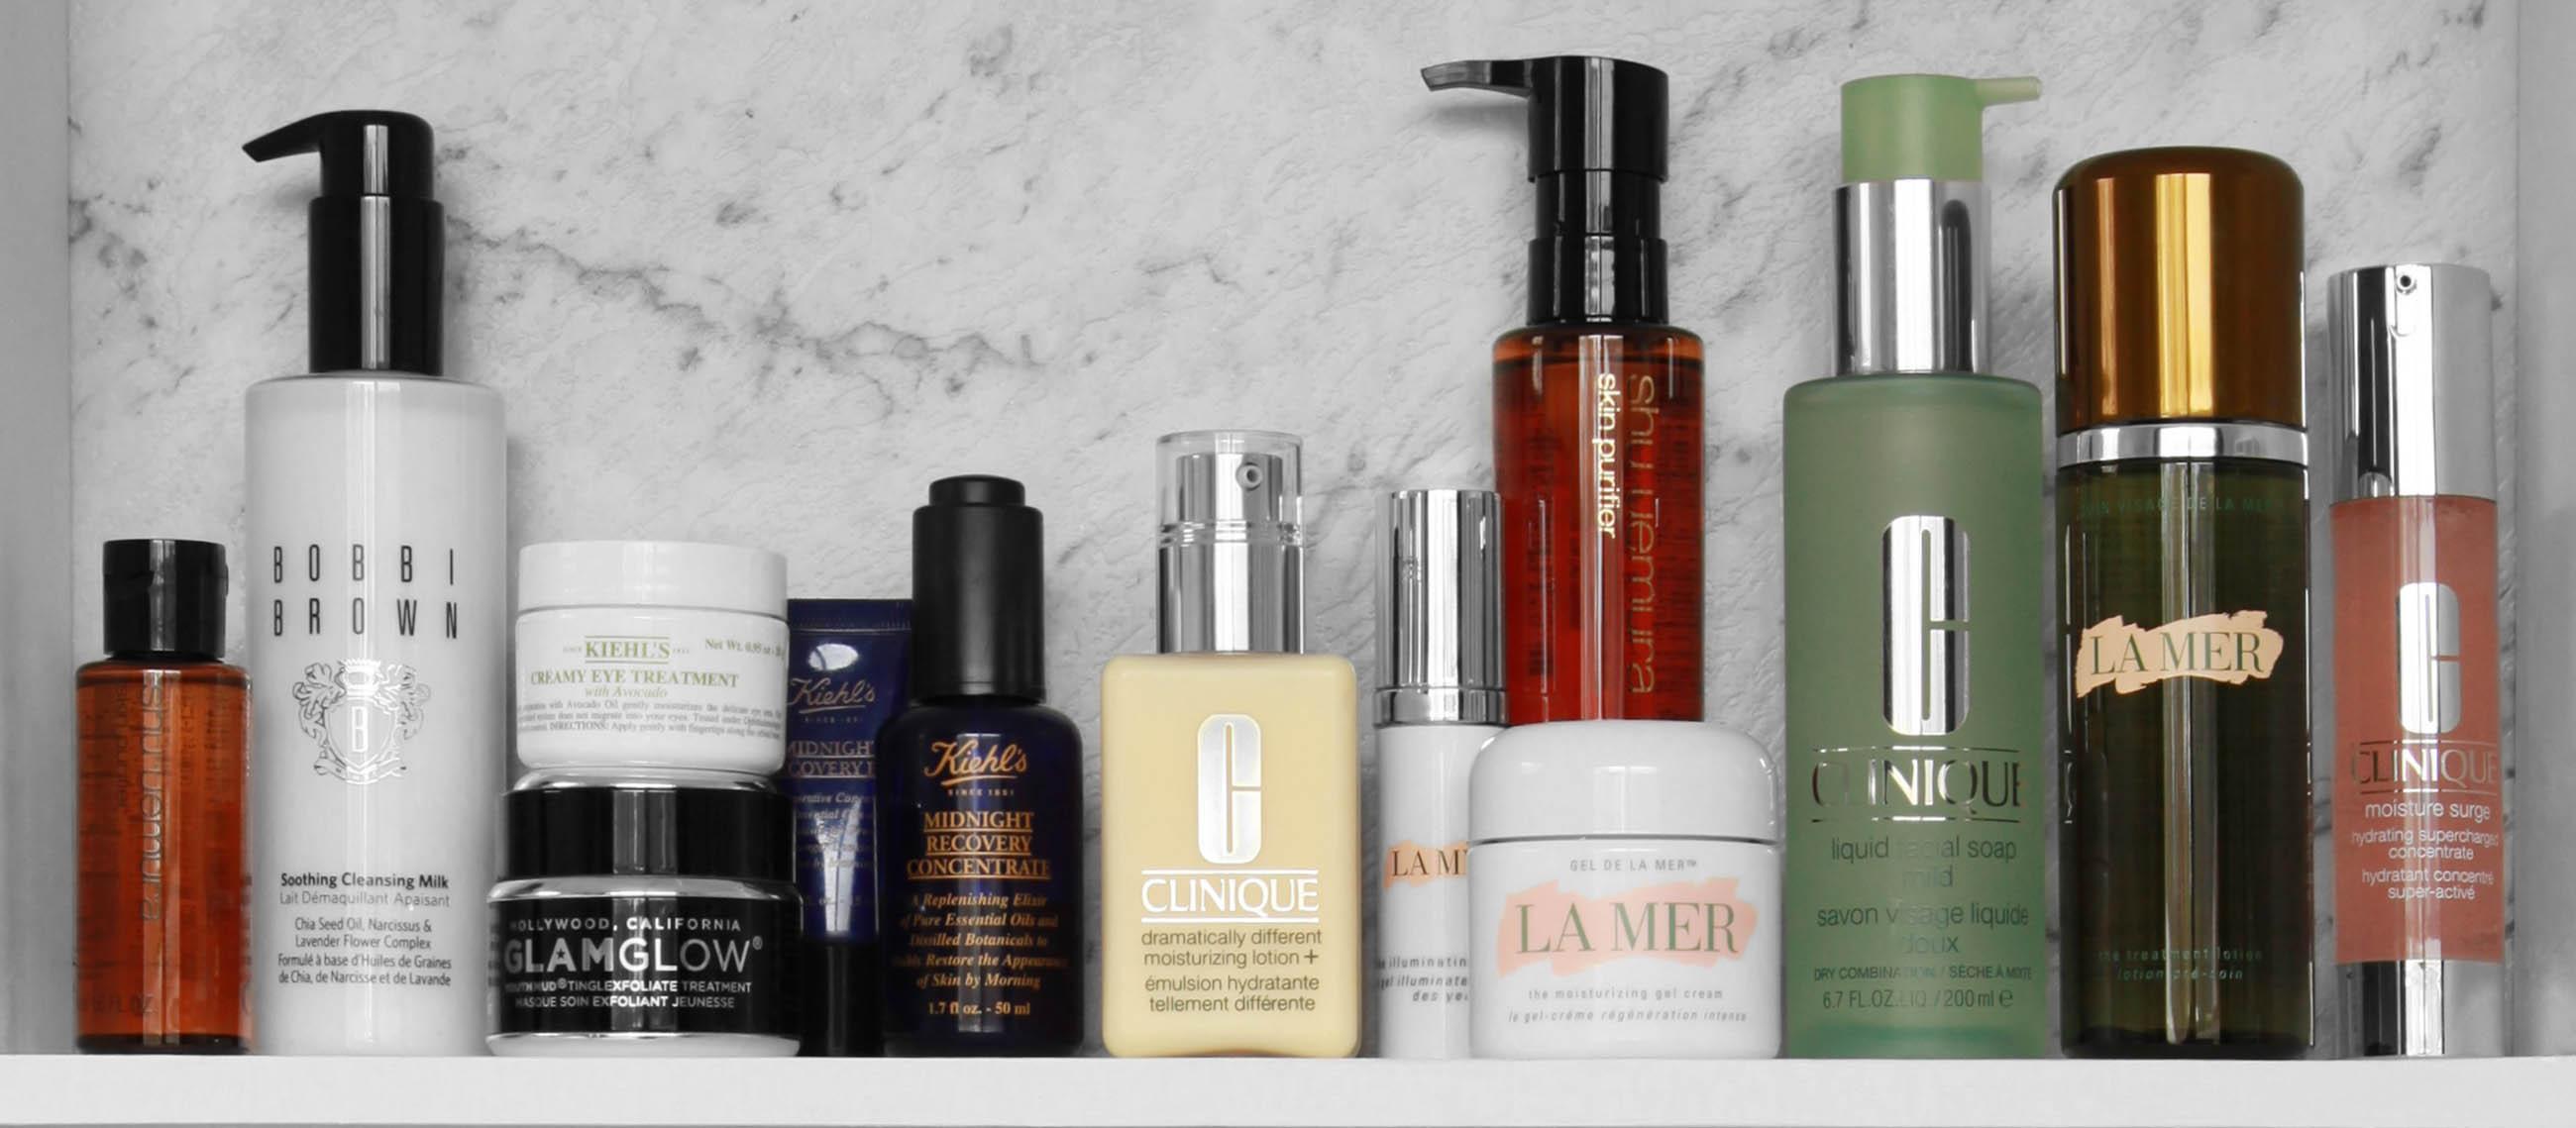 Makeup Shelfie Beauty Essentials _ Design By Aikonik 3